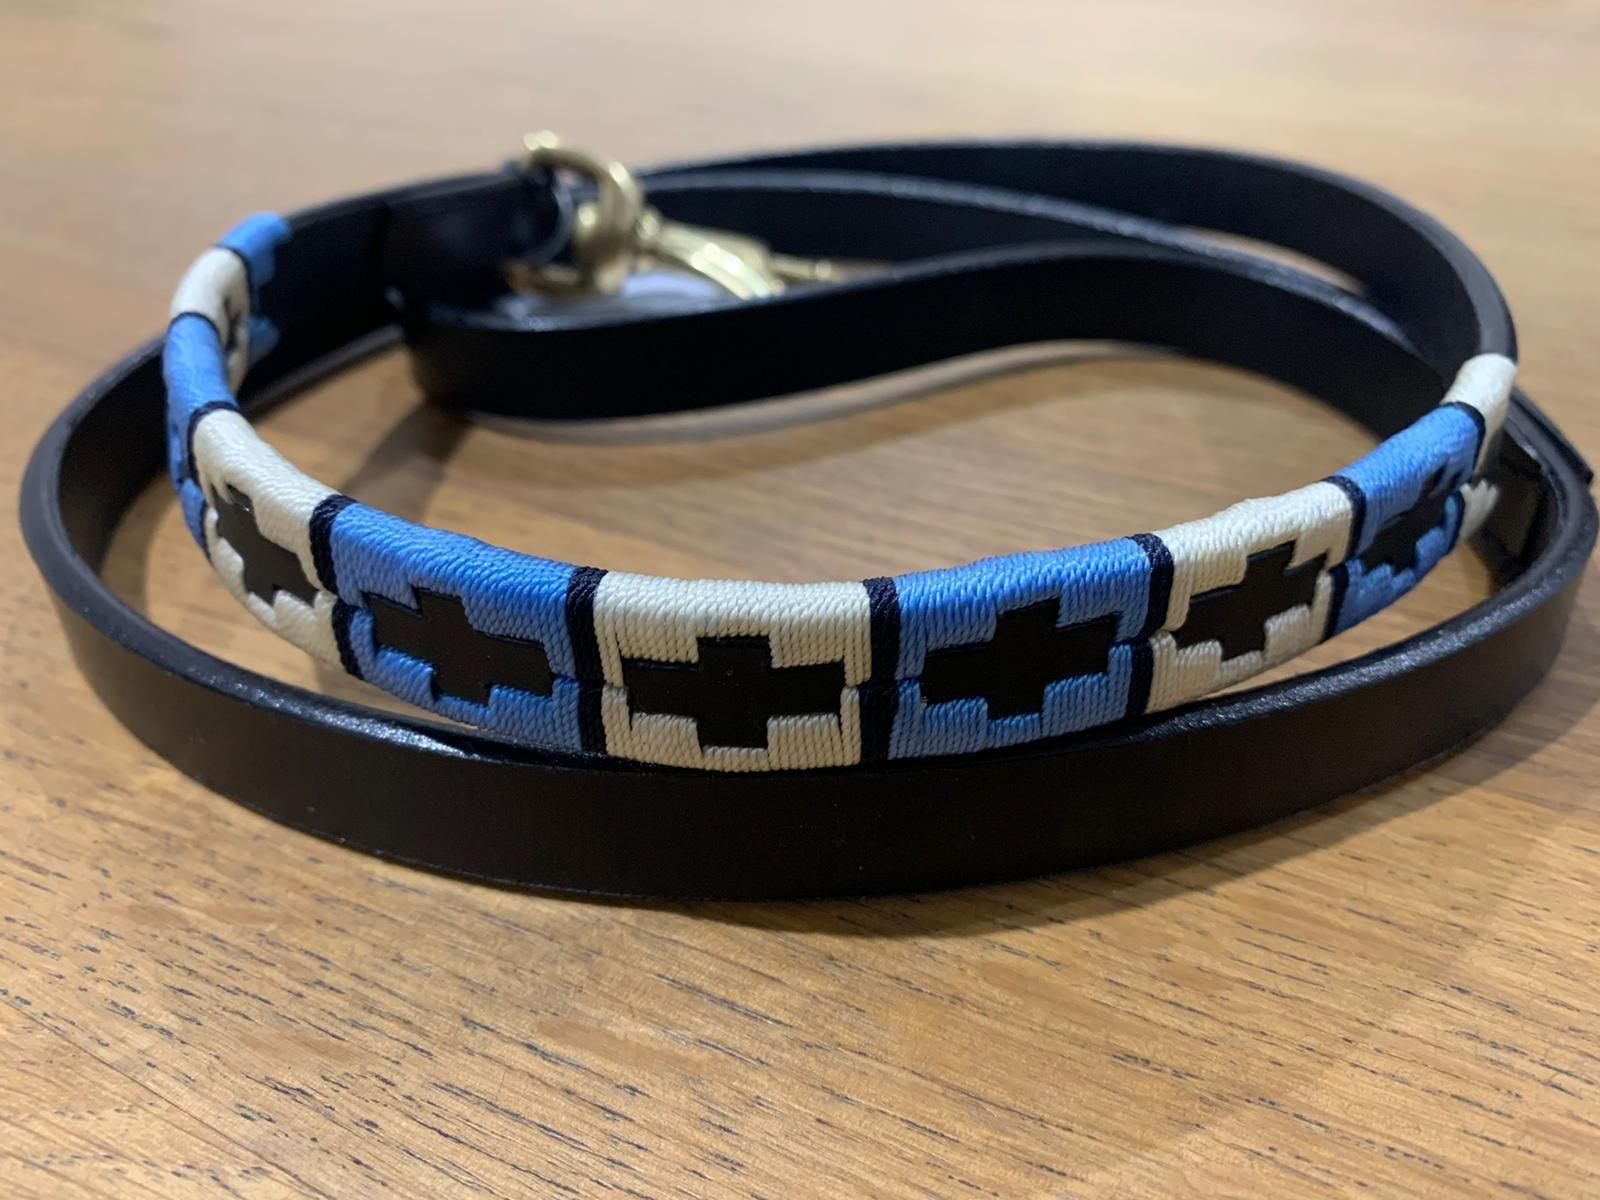 blue-white-polo-dog-lead.jpg